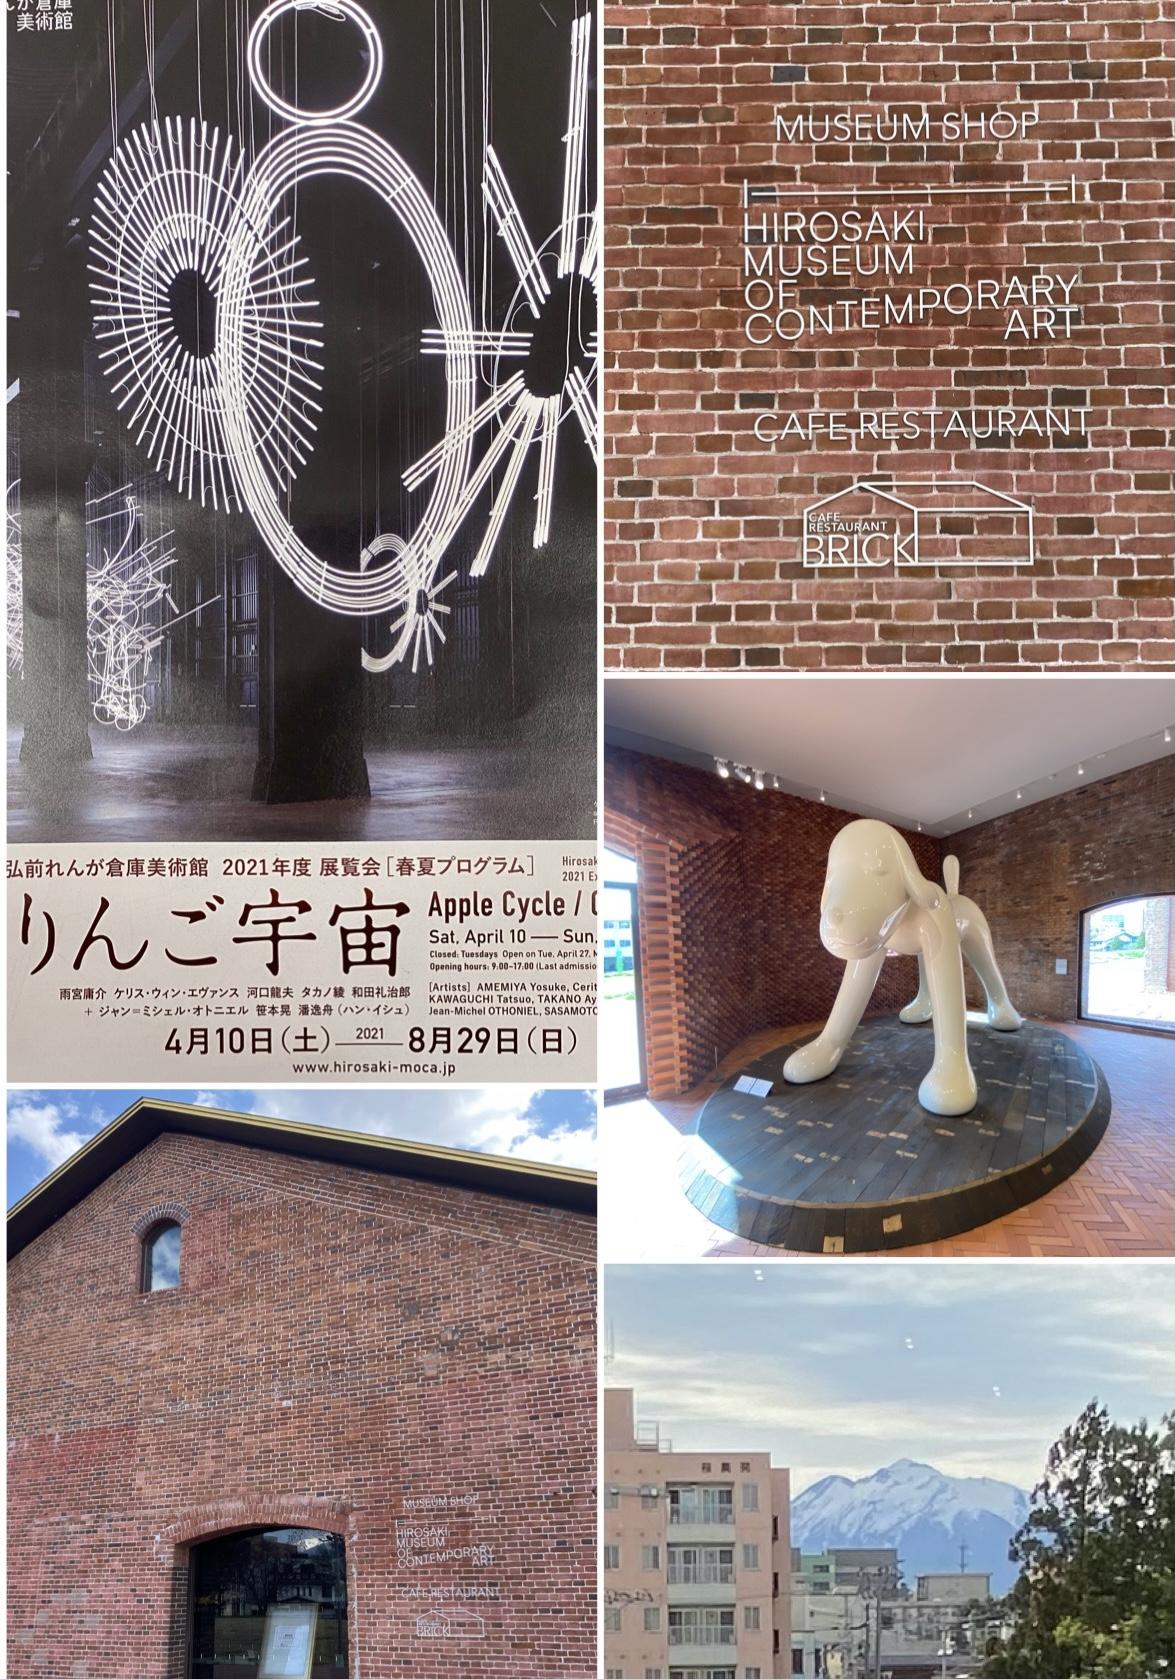 @弘前れんが倉庫美術館